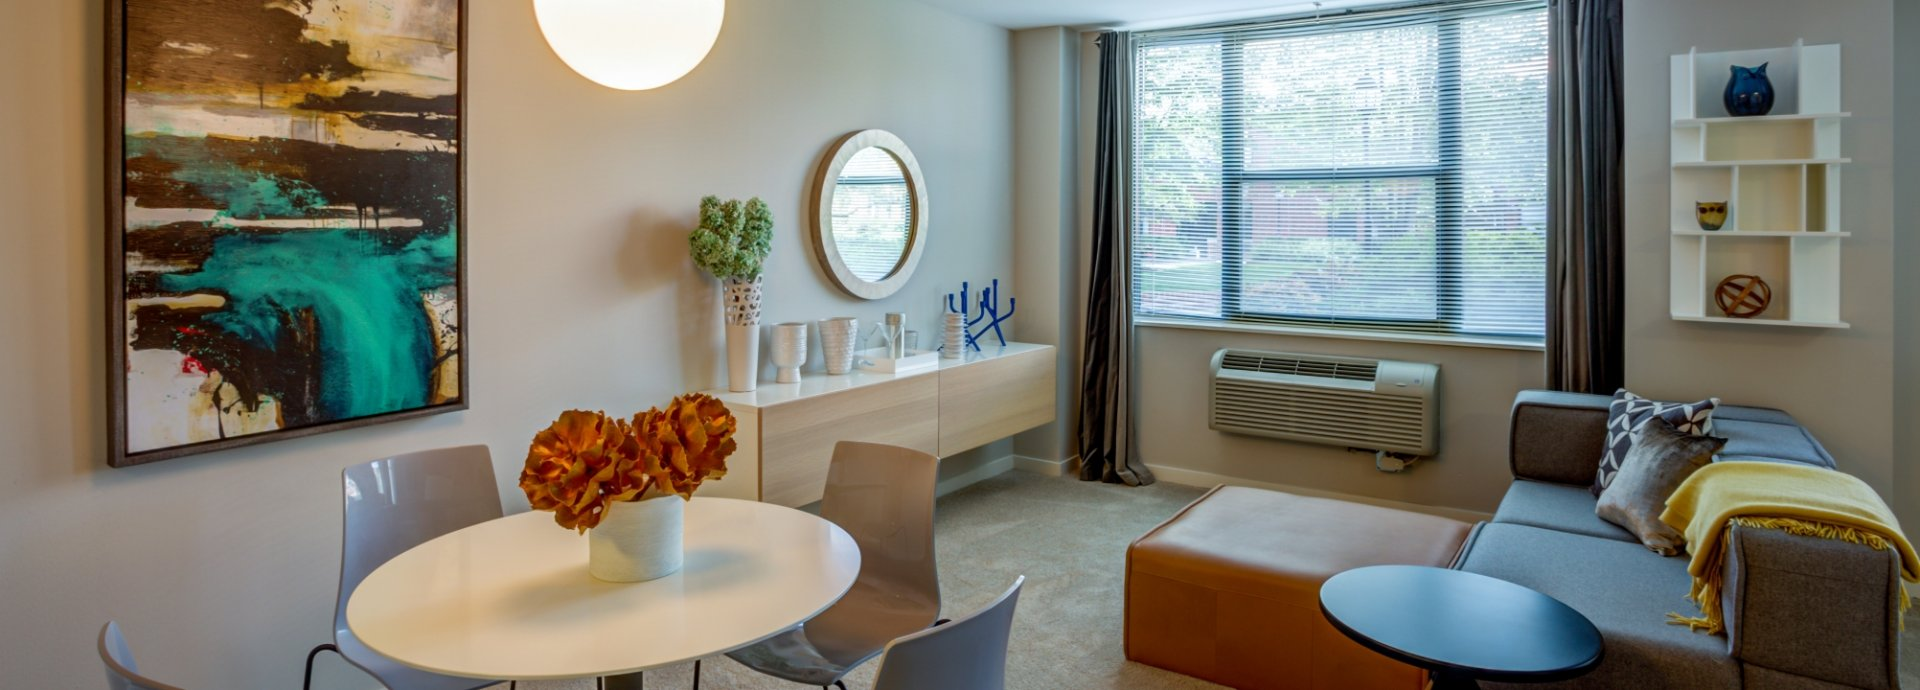 River North Park Apartments